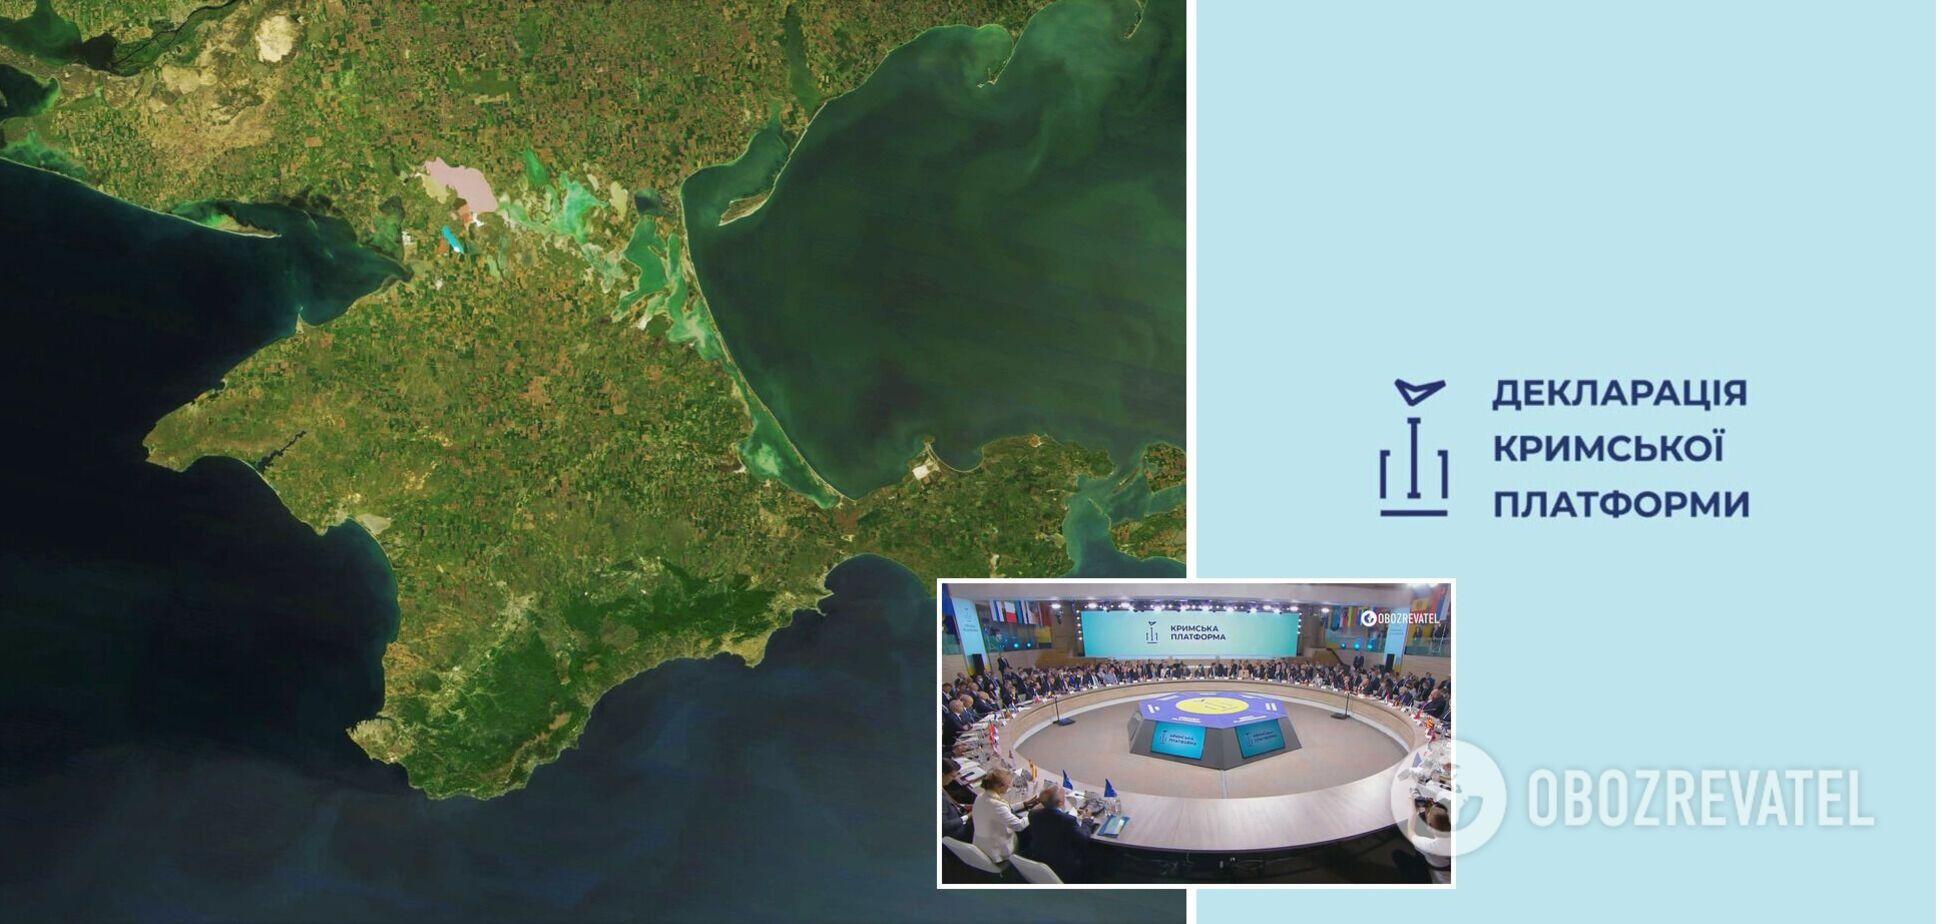 Учасники 'Кримської платформи' ухвалили спільну декларацію. Текст документа